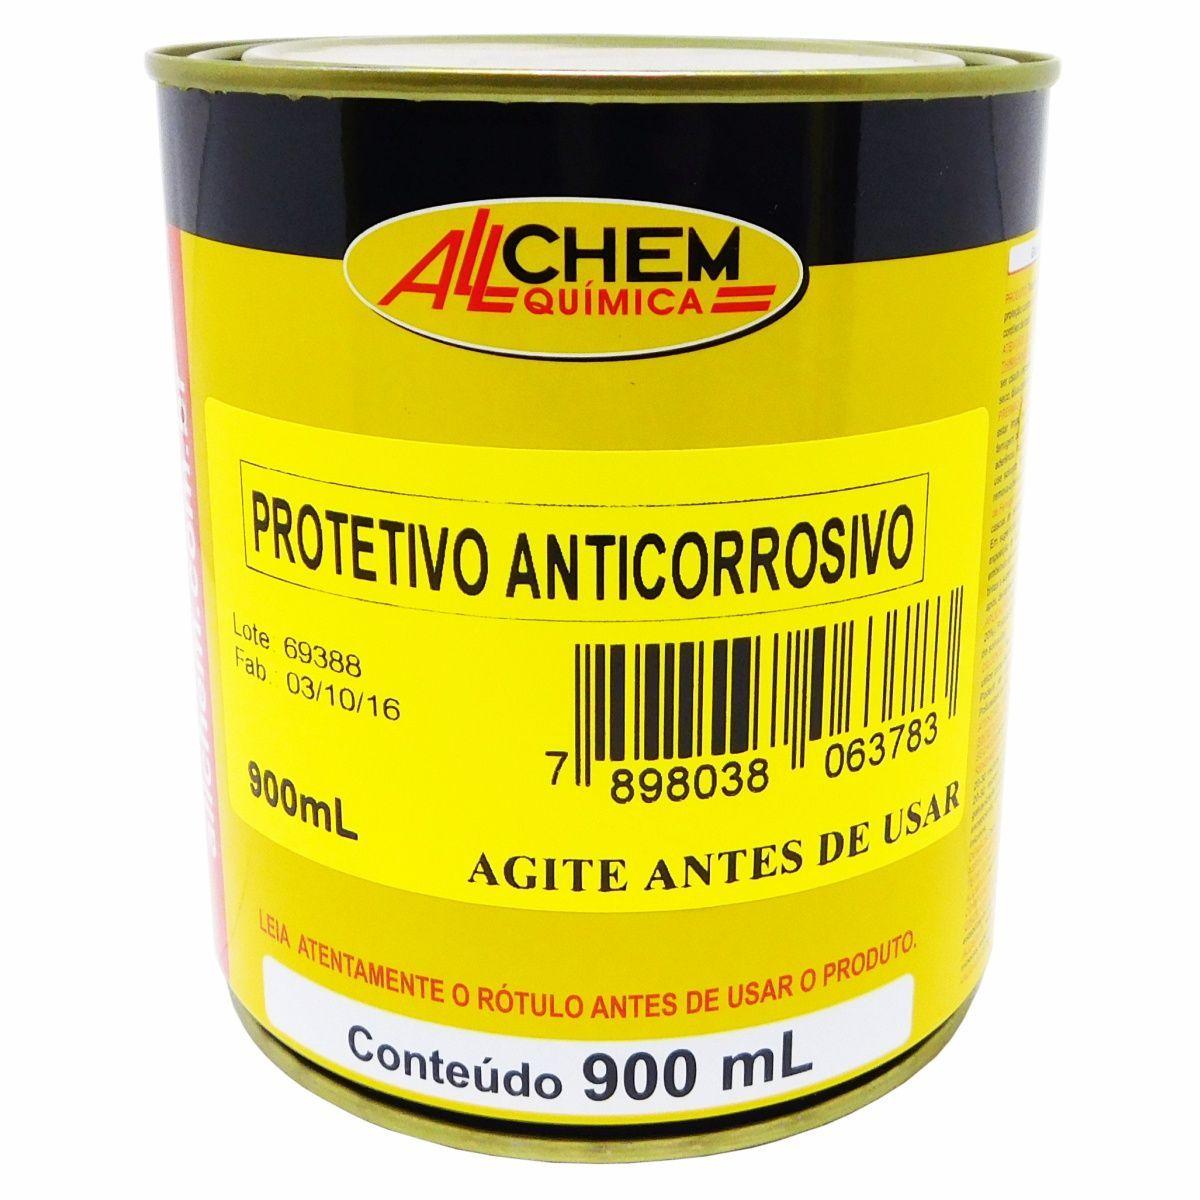 protetivo-anticorrosivo-allchem